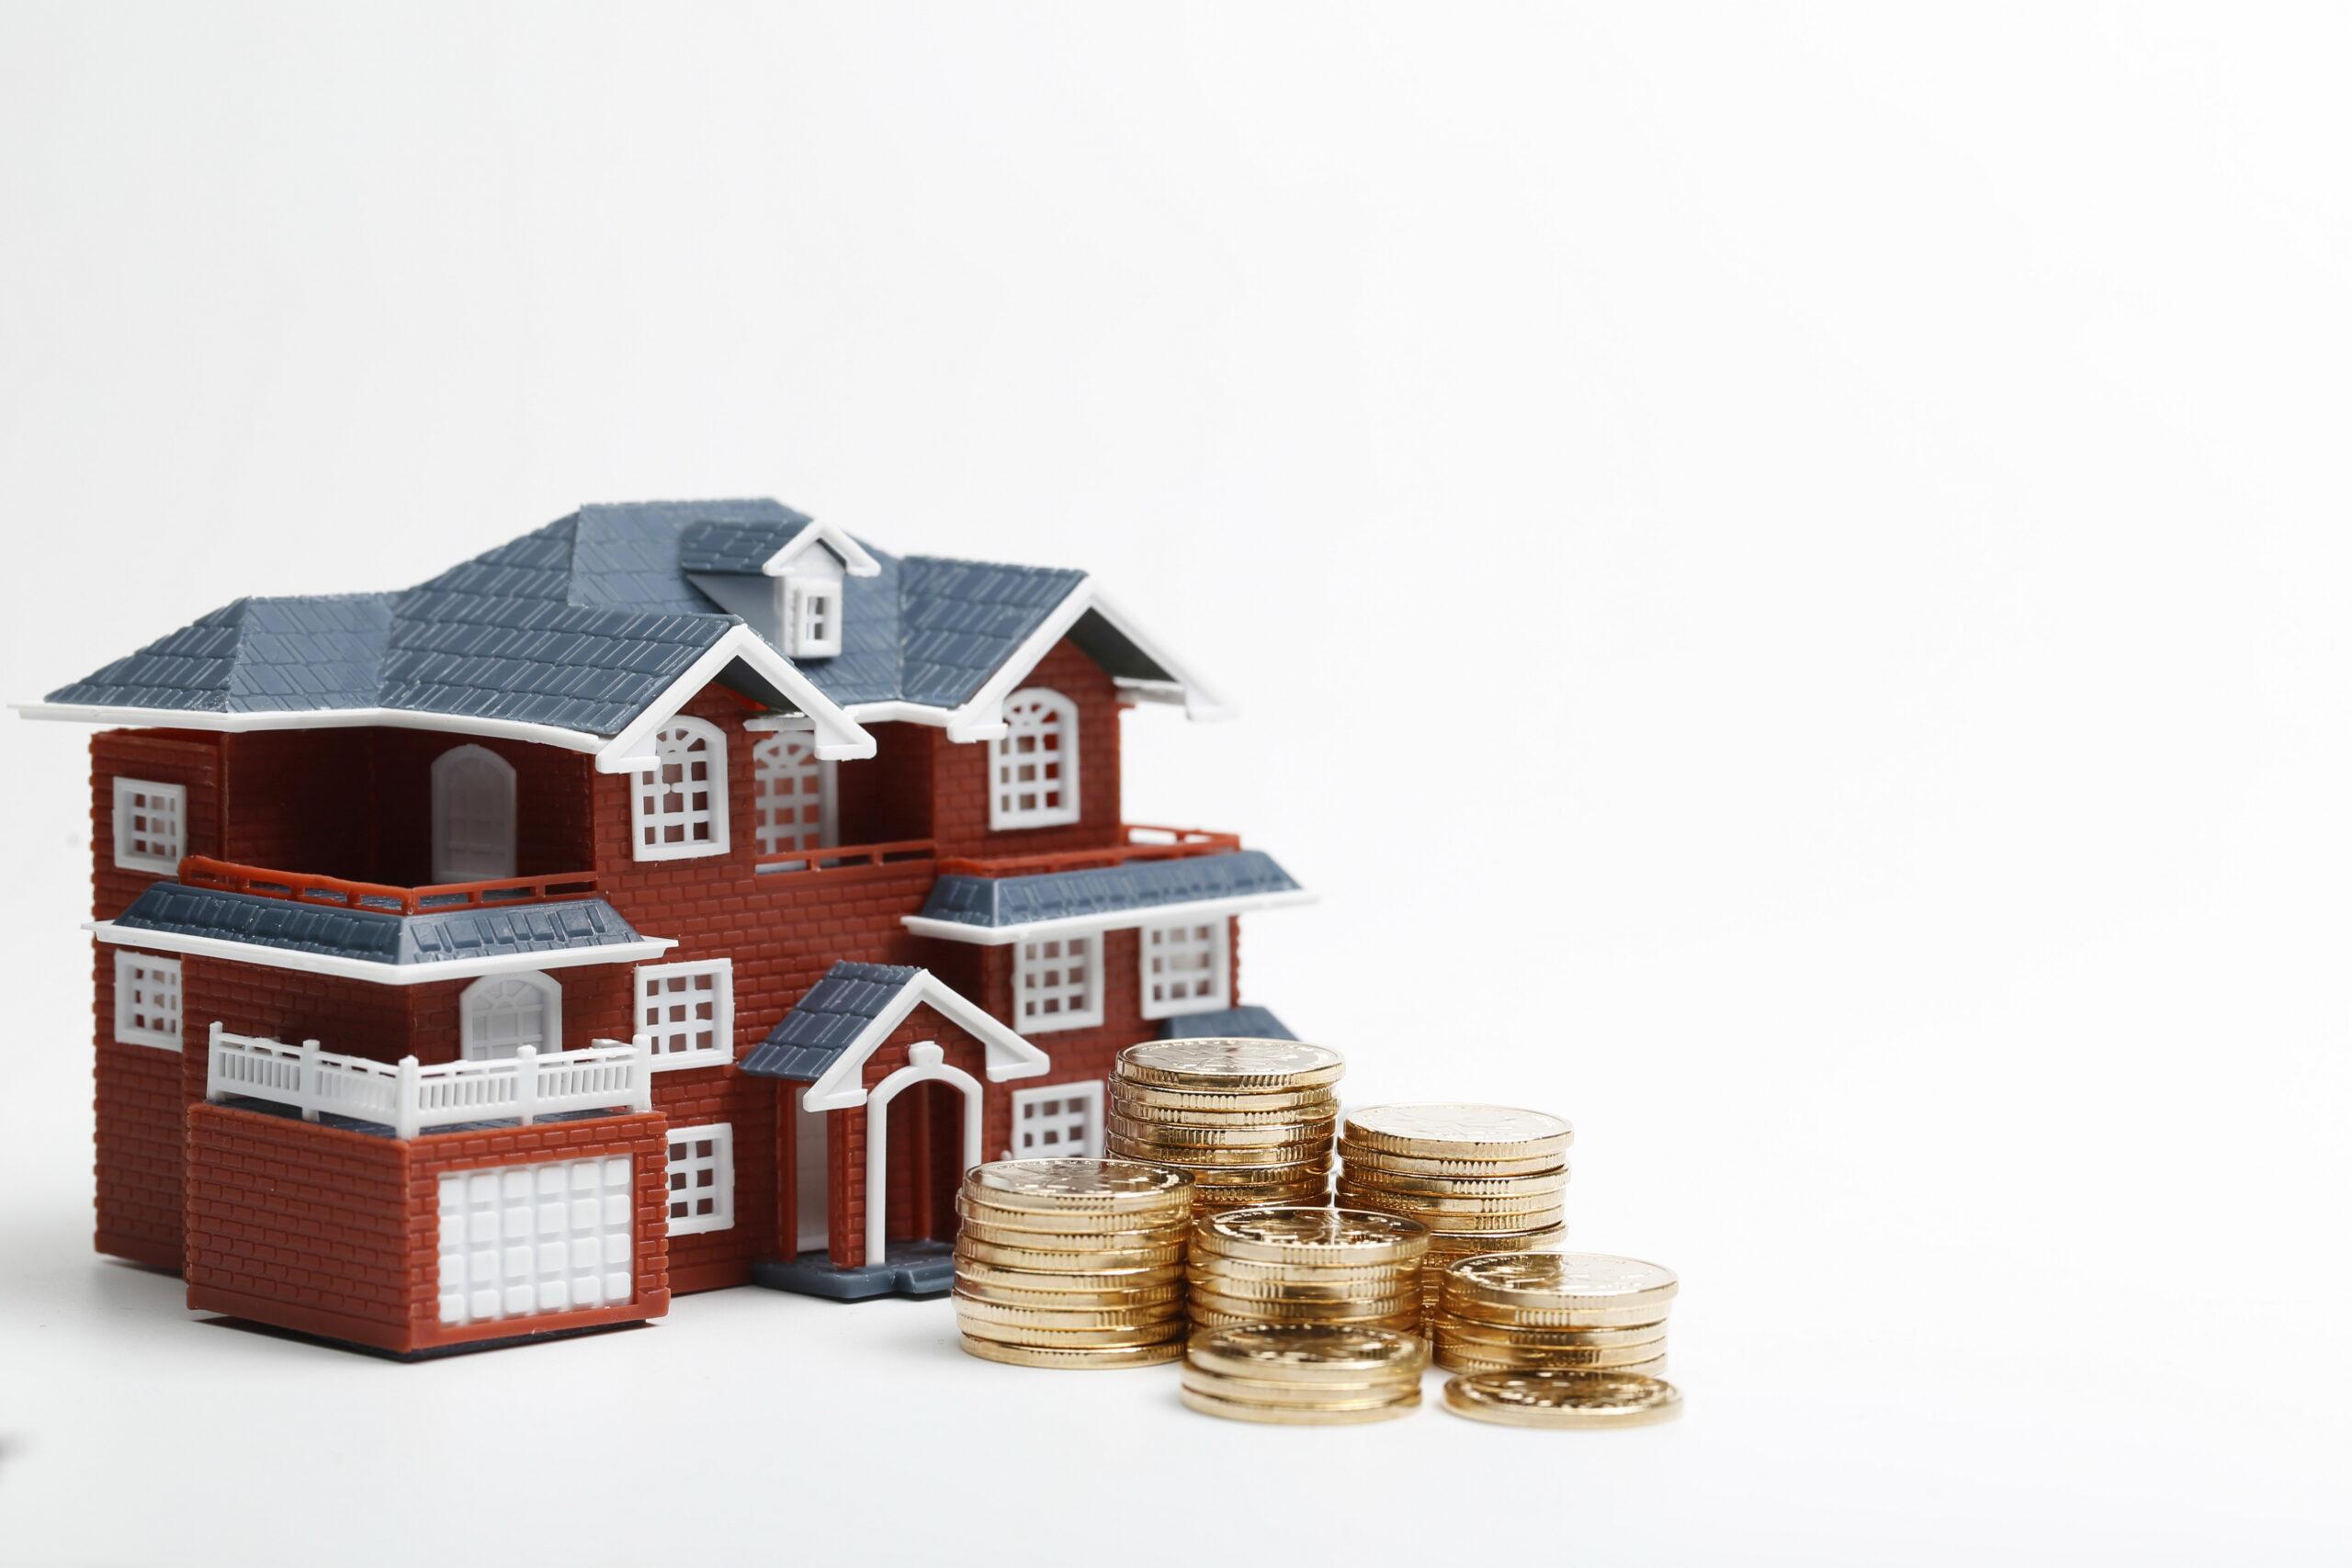 Casa de brinquedo e montante de moedas à frente